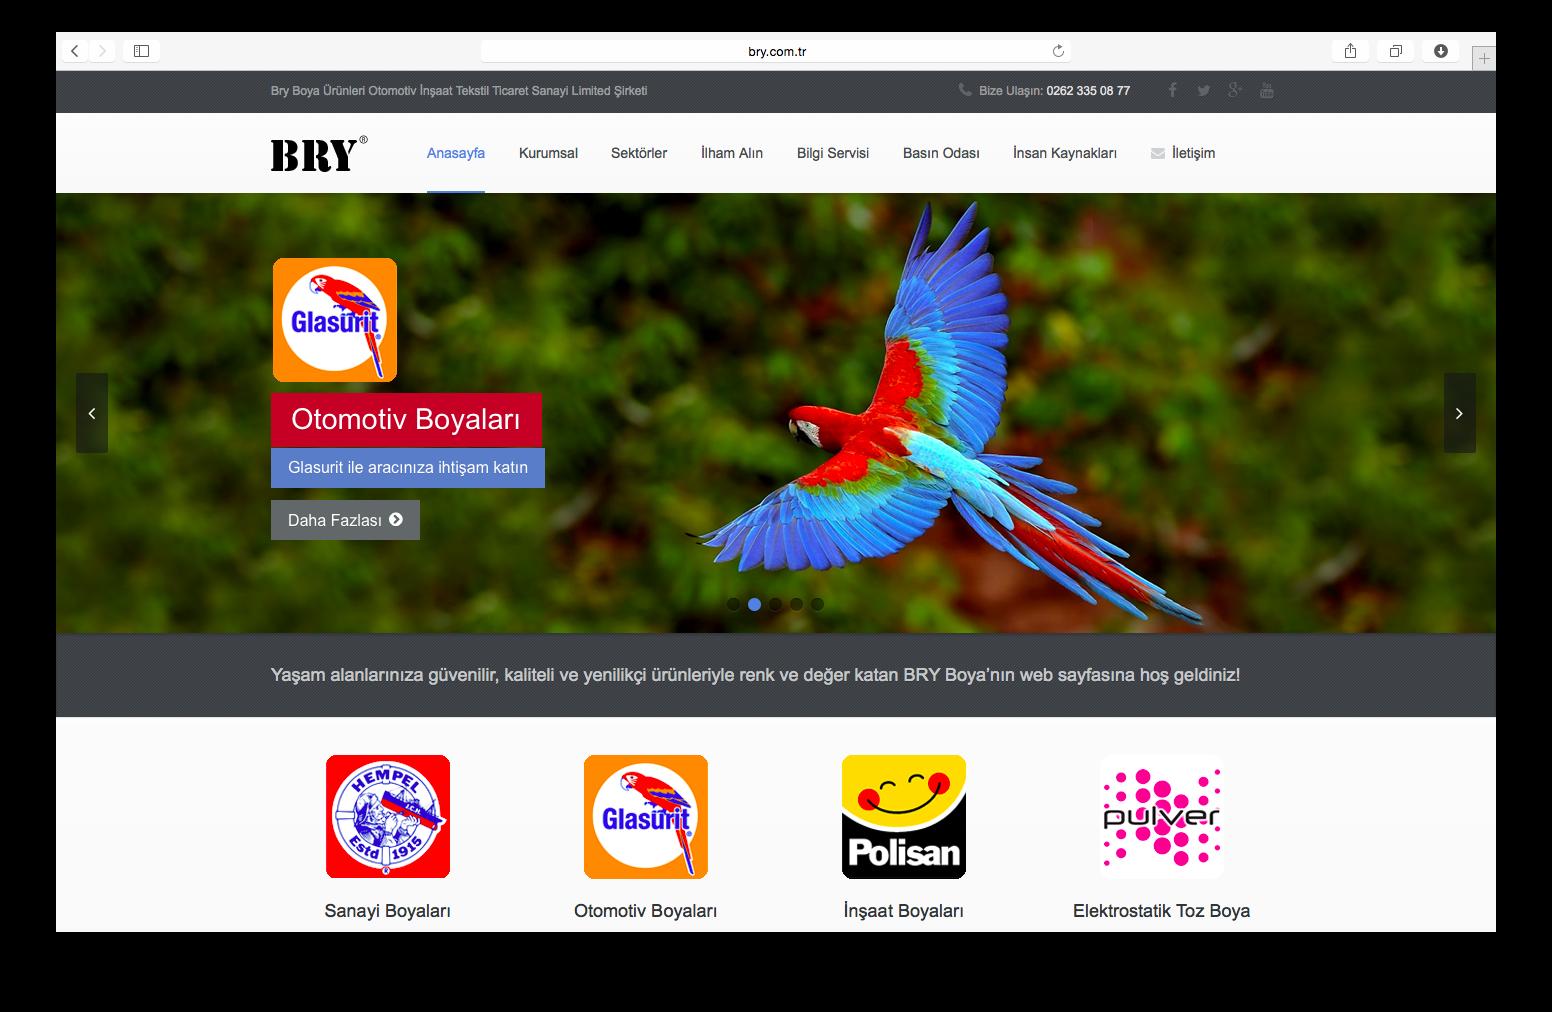 Bry Boya Web Sitesi Yenilendi